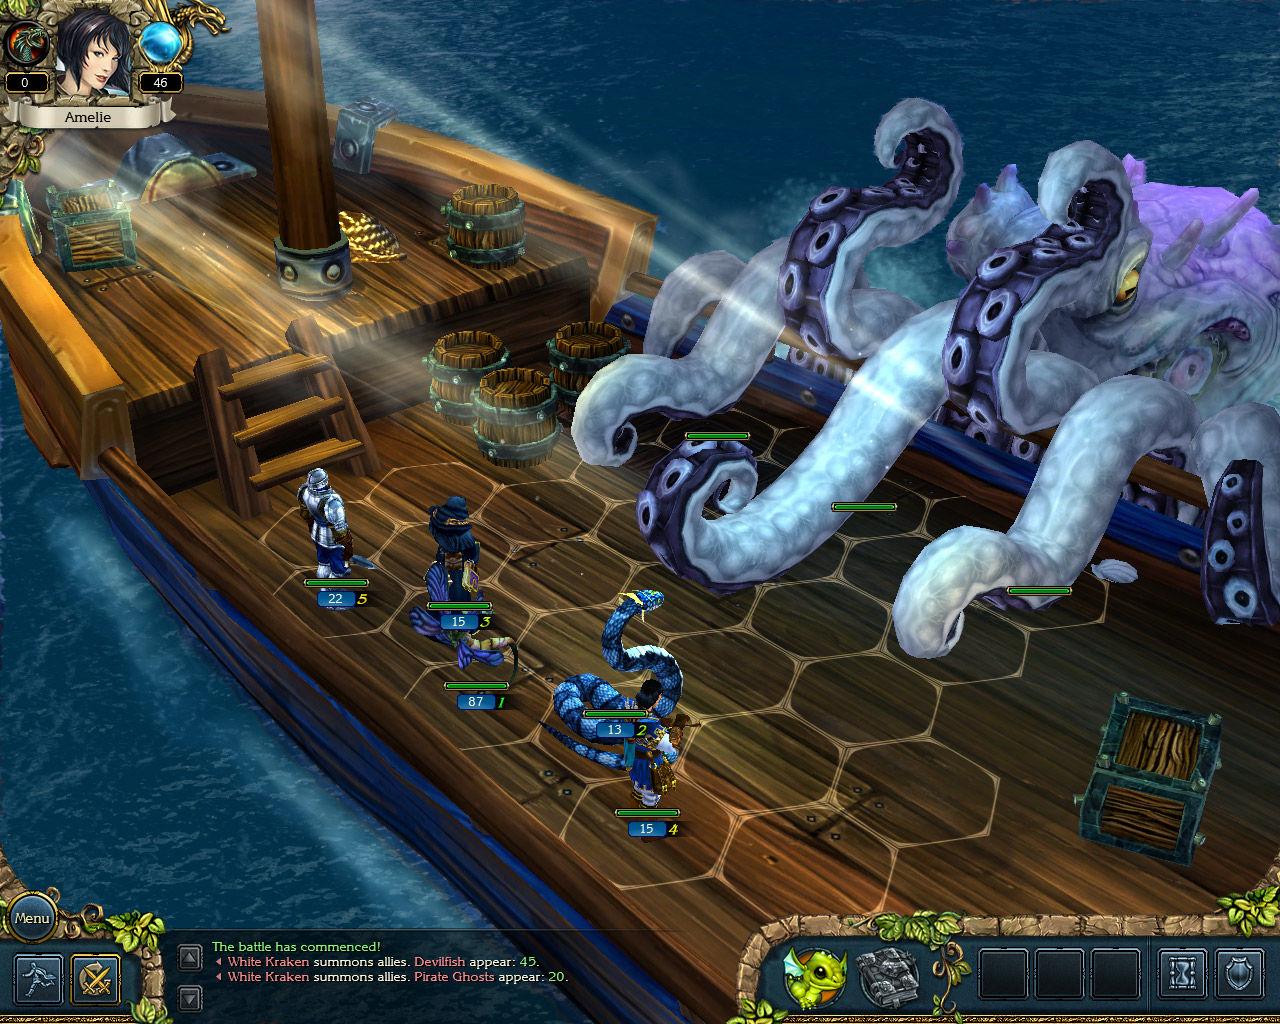 Kings Bounty Crossworlds Multilenguaje ESPAÑOL PC (PROPHET) 6